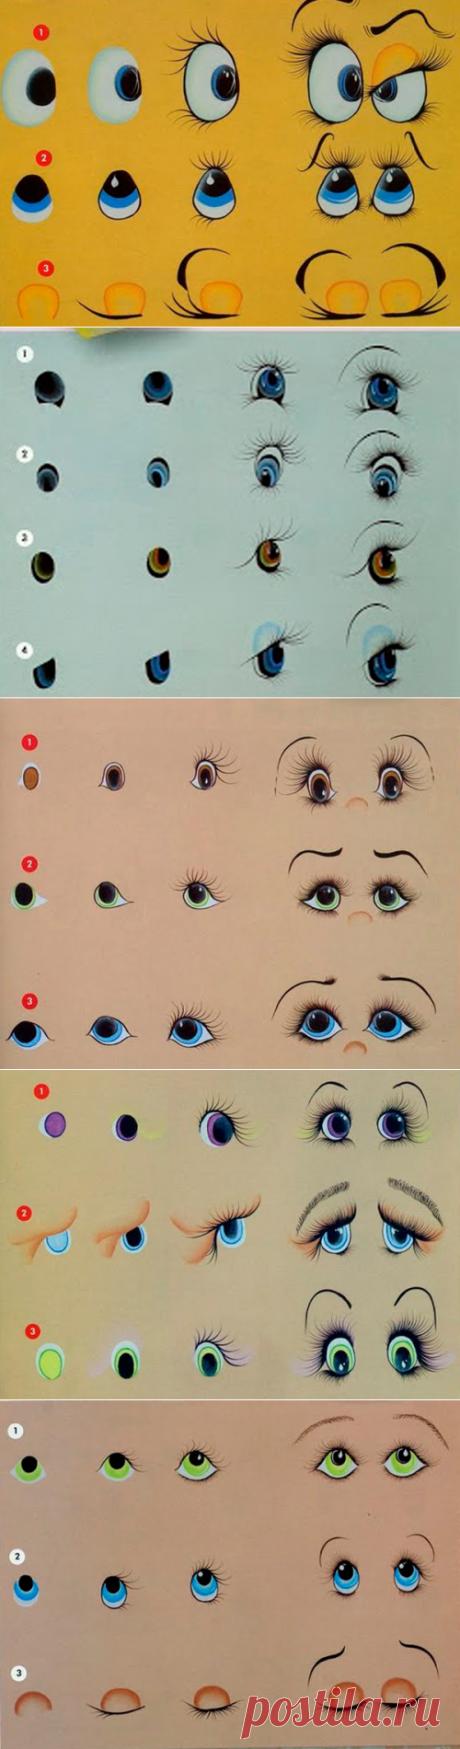 12 схем прорисовки глаз и глазок - Сам себе волшебник